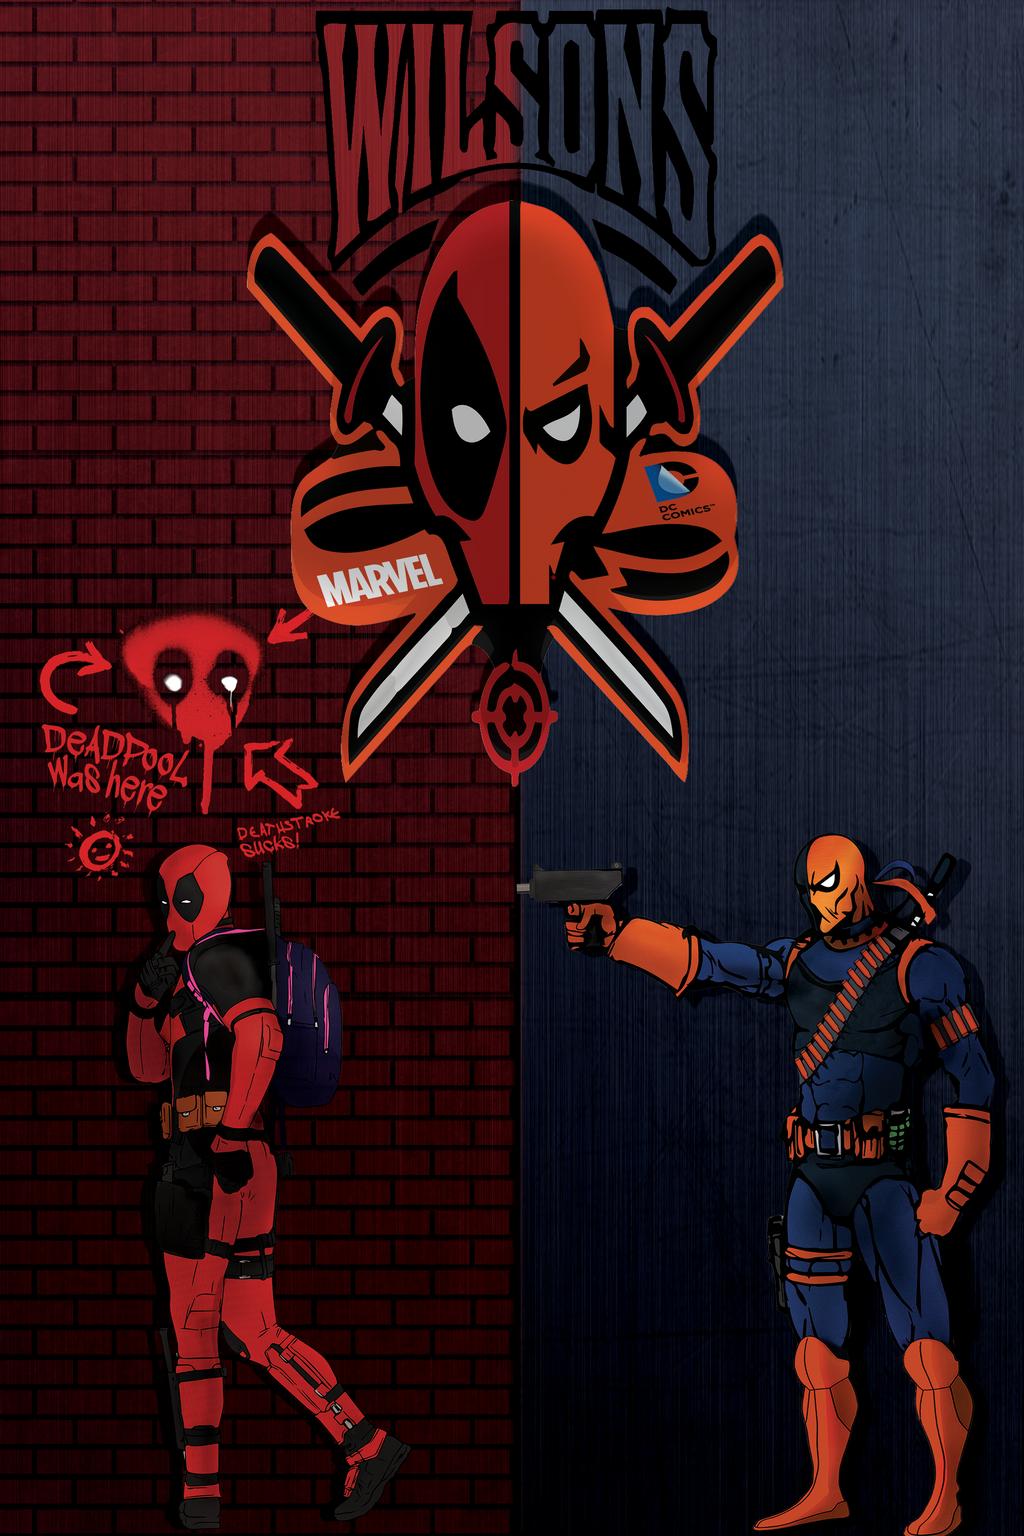 Deathstroke Vs Deadpool Wallpaper 97982